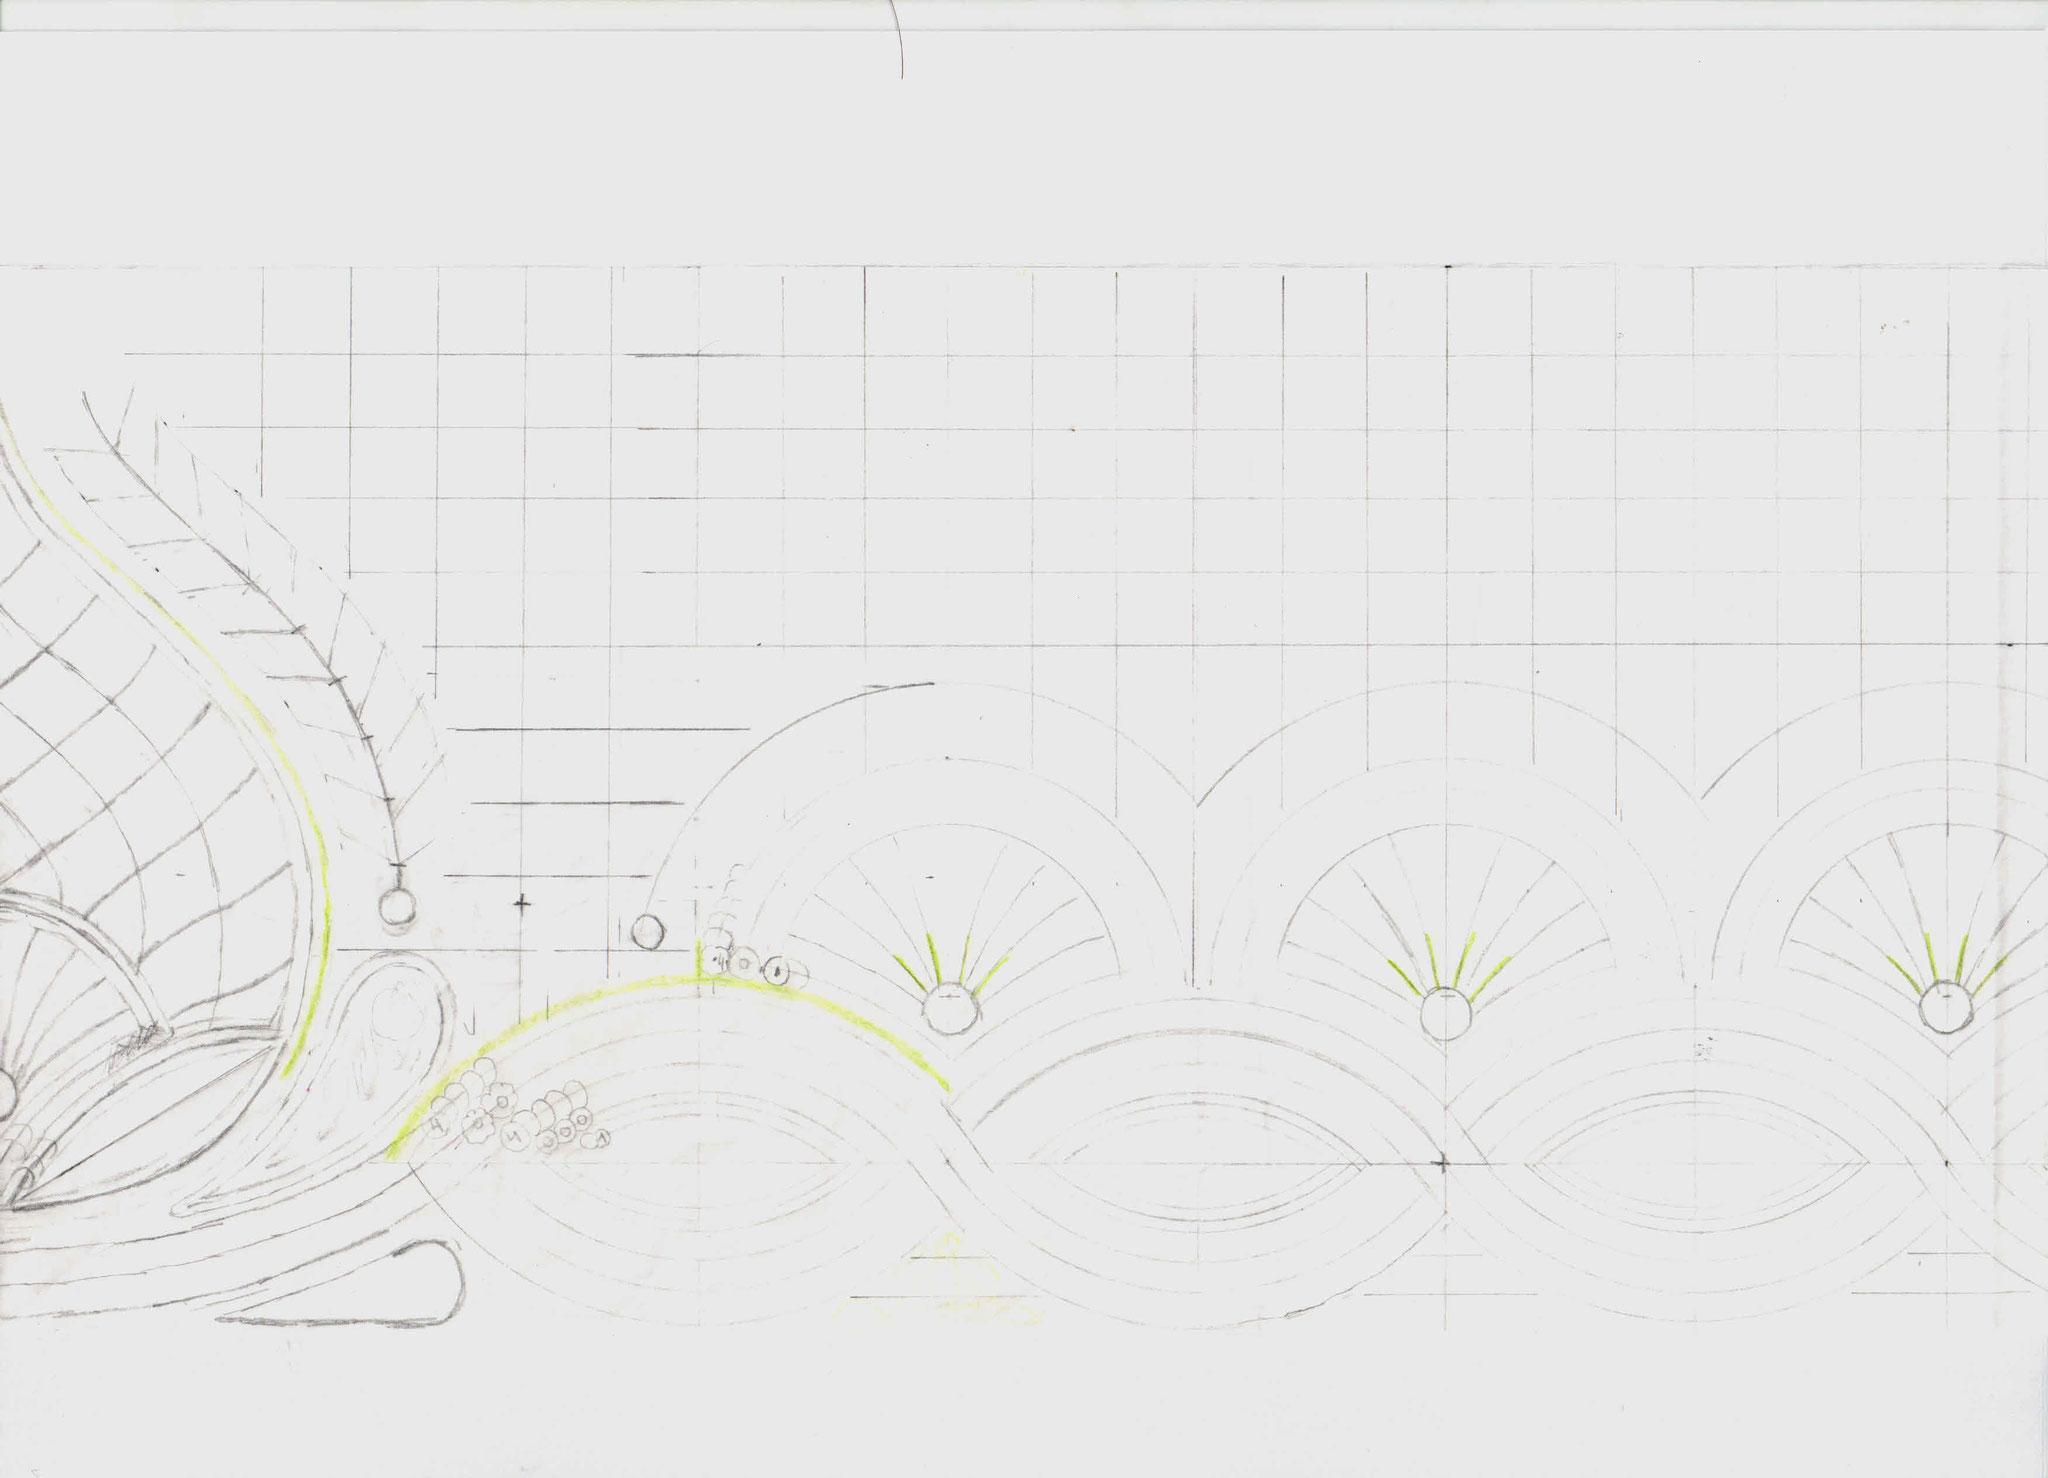 Der erste Mustersatz zeigt nur die Hälfte des Musters. Es wird später auf Seidenpapier übertragen und gespiegelt und verlängert